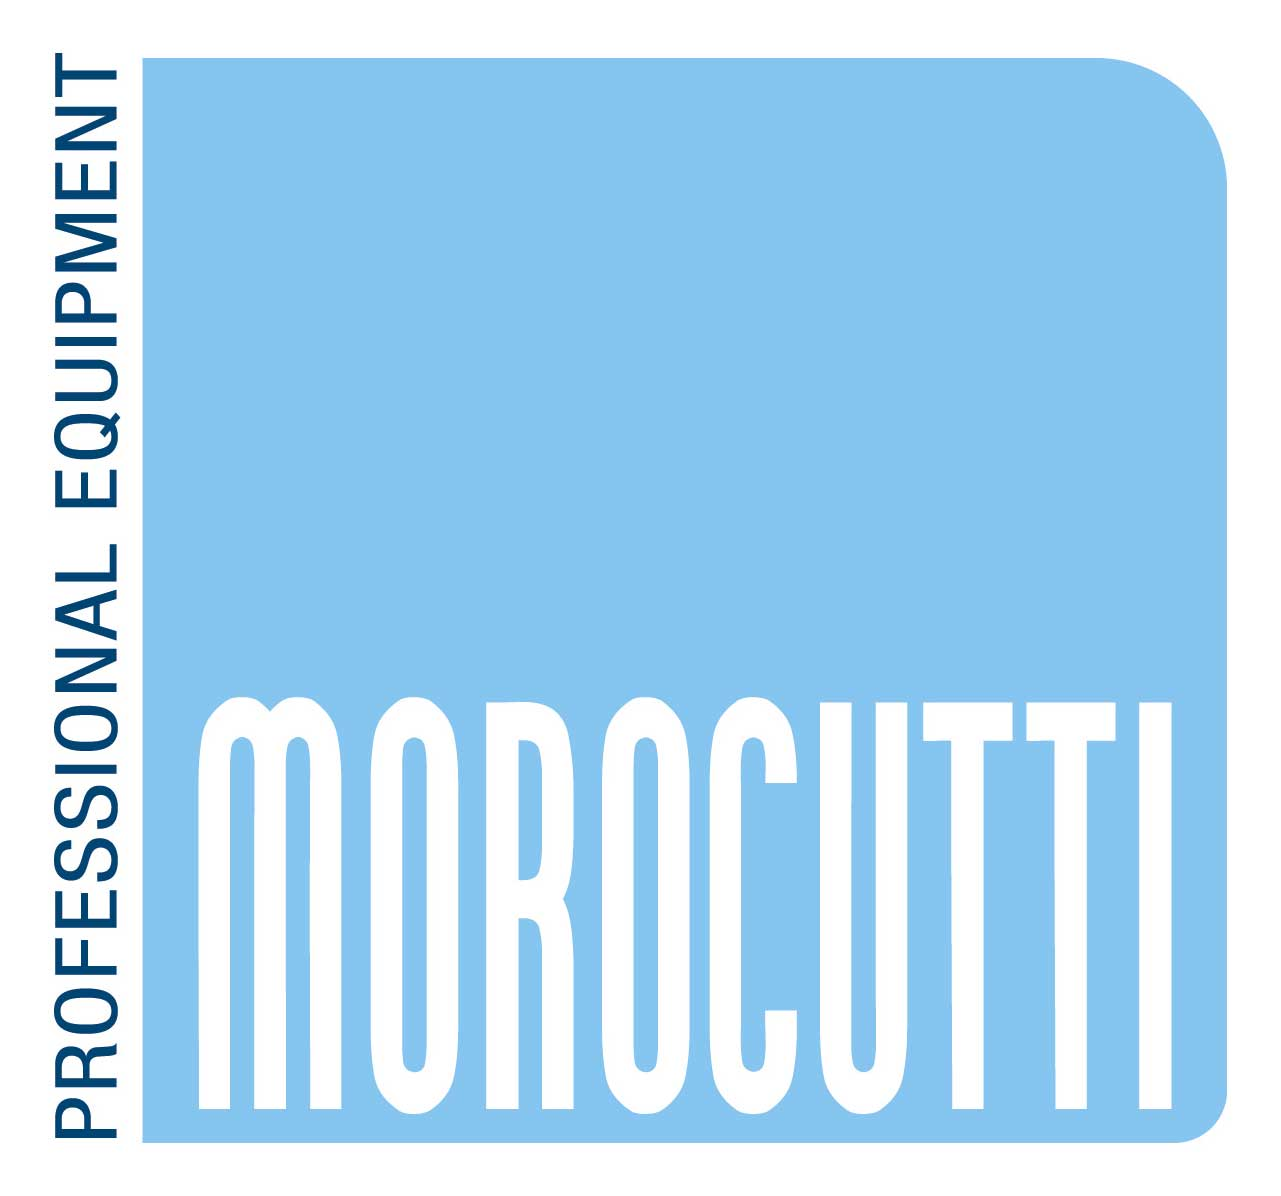 logo-Morocutti